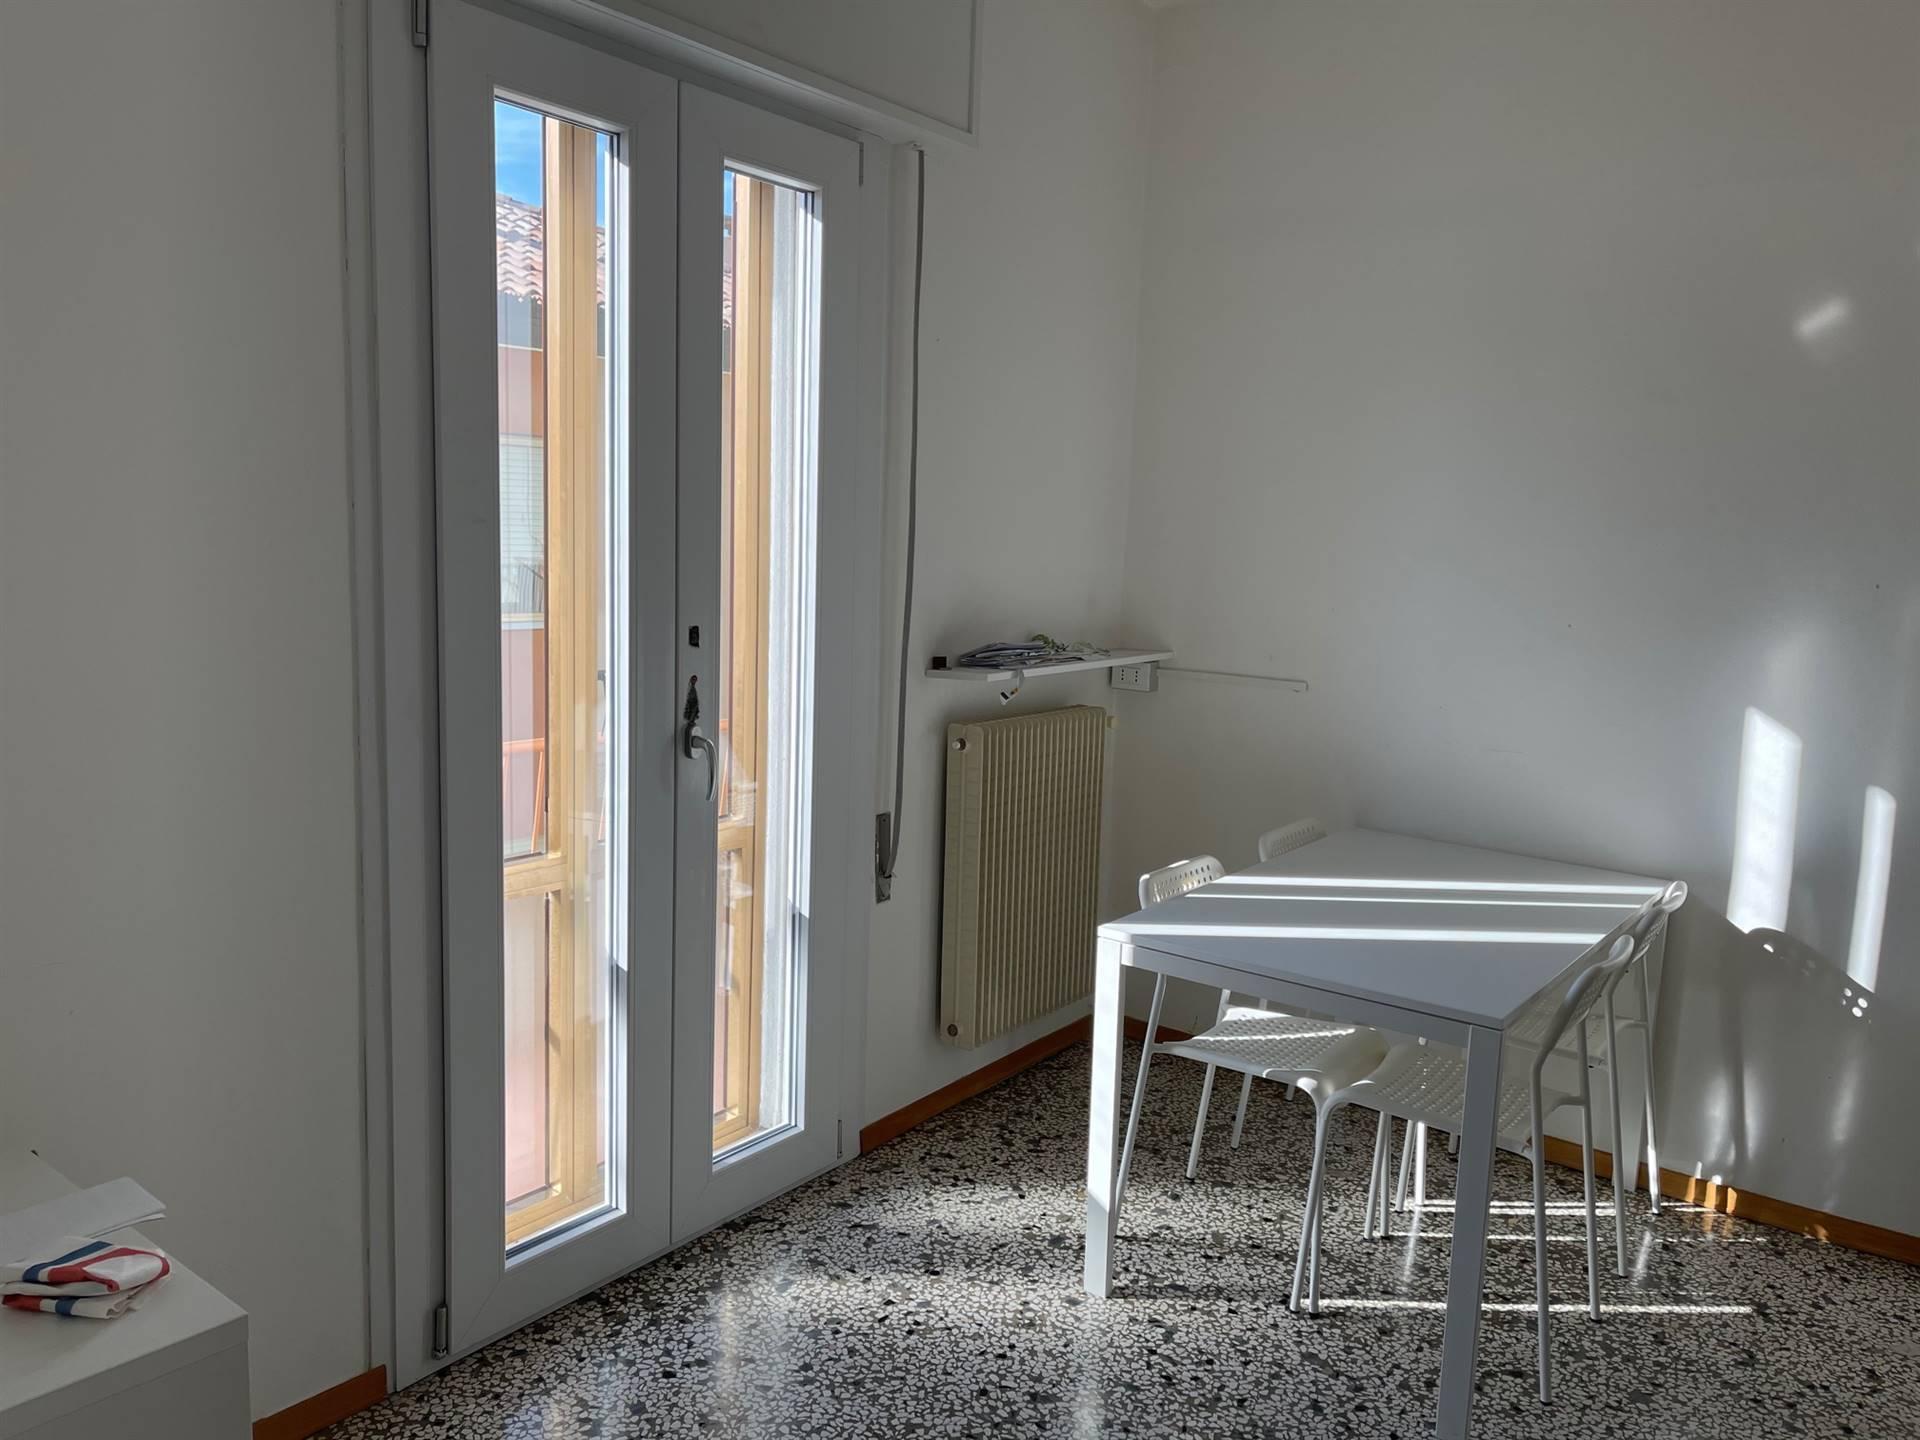 cucina vendita appartamento Mestre euro 115000